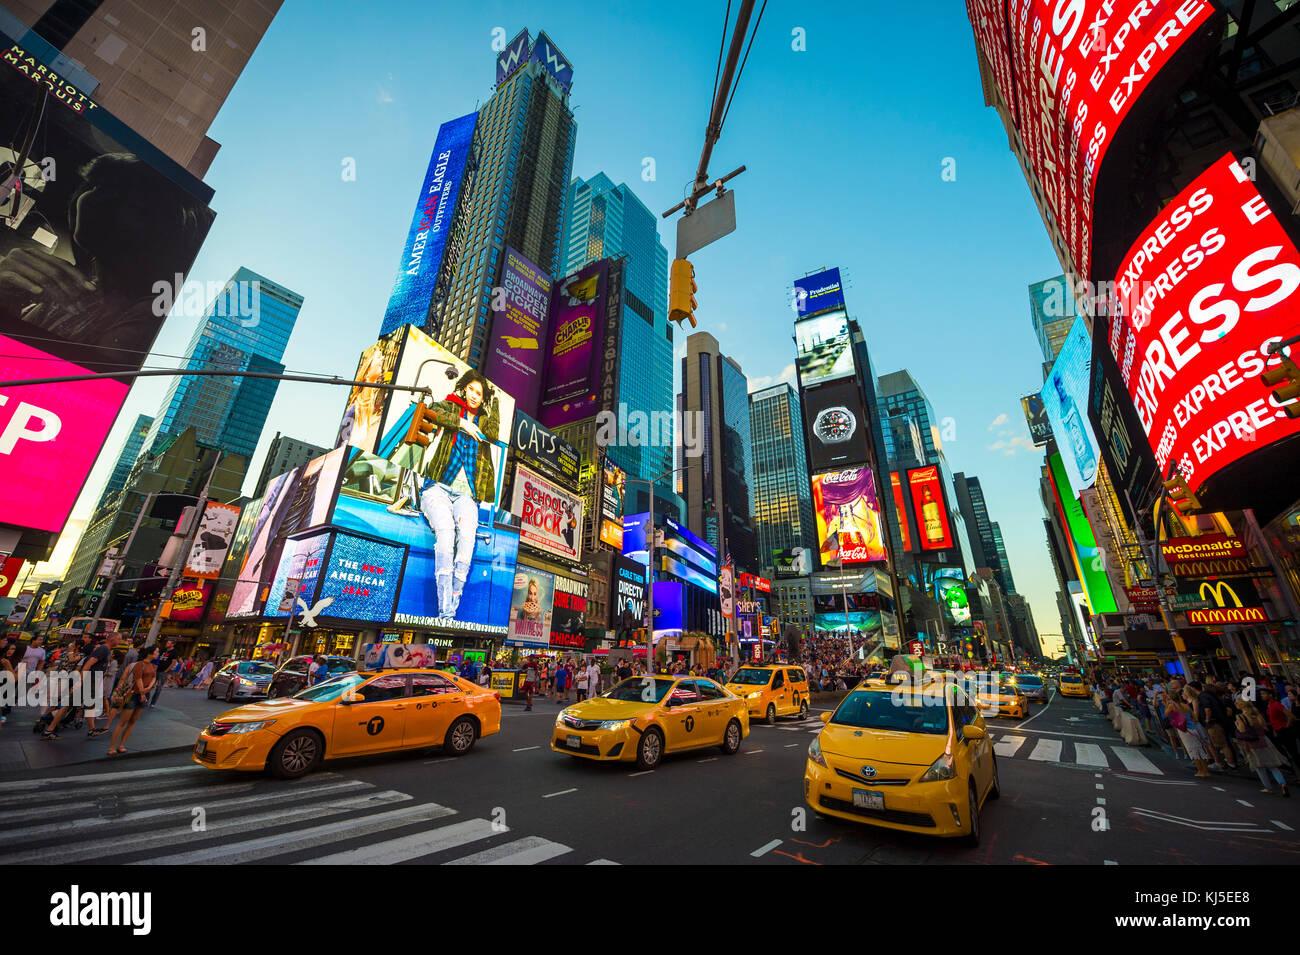 New York City - agosto 23, 2017: luminose insegne al neon lampeggia su folle e taxi traffico passato zoom times Immagini Stock